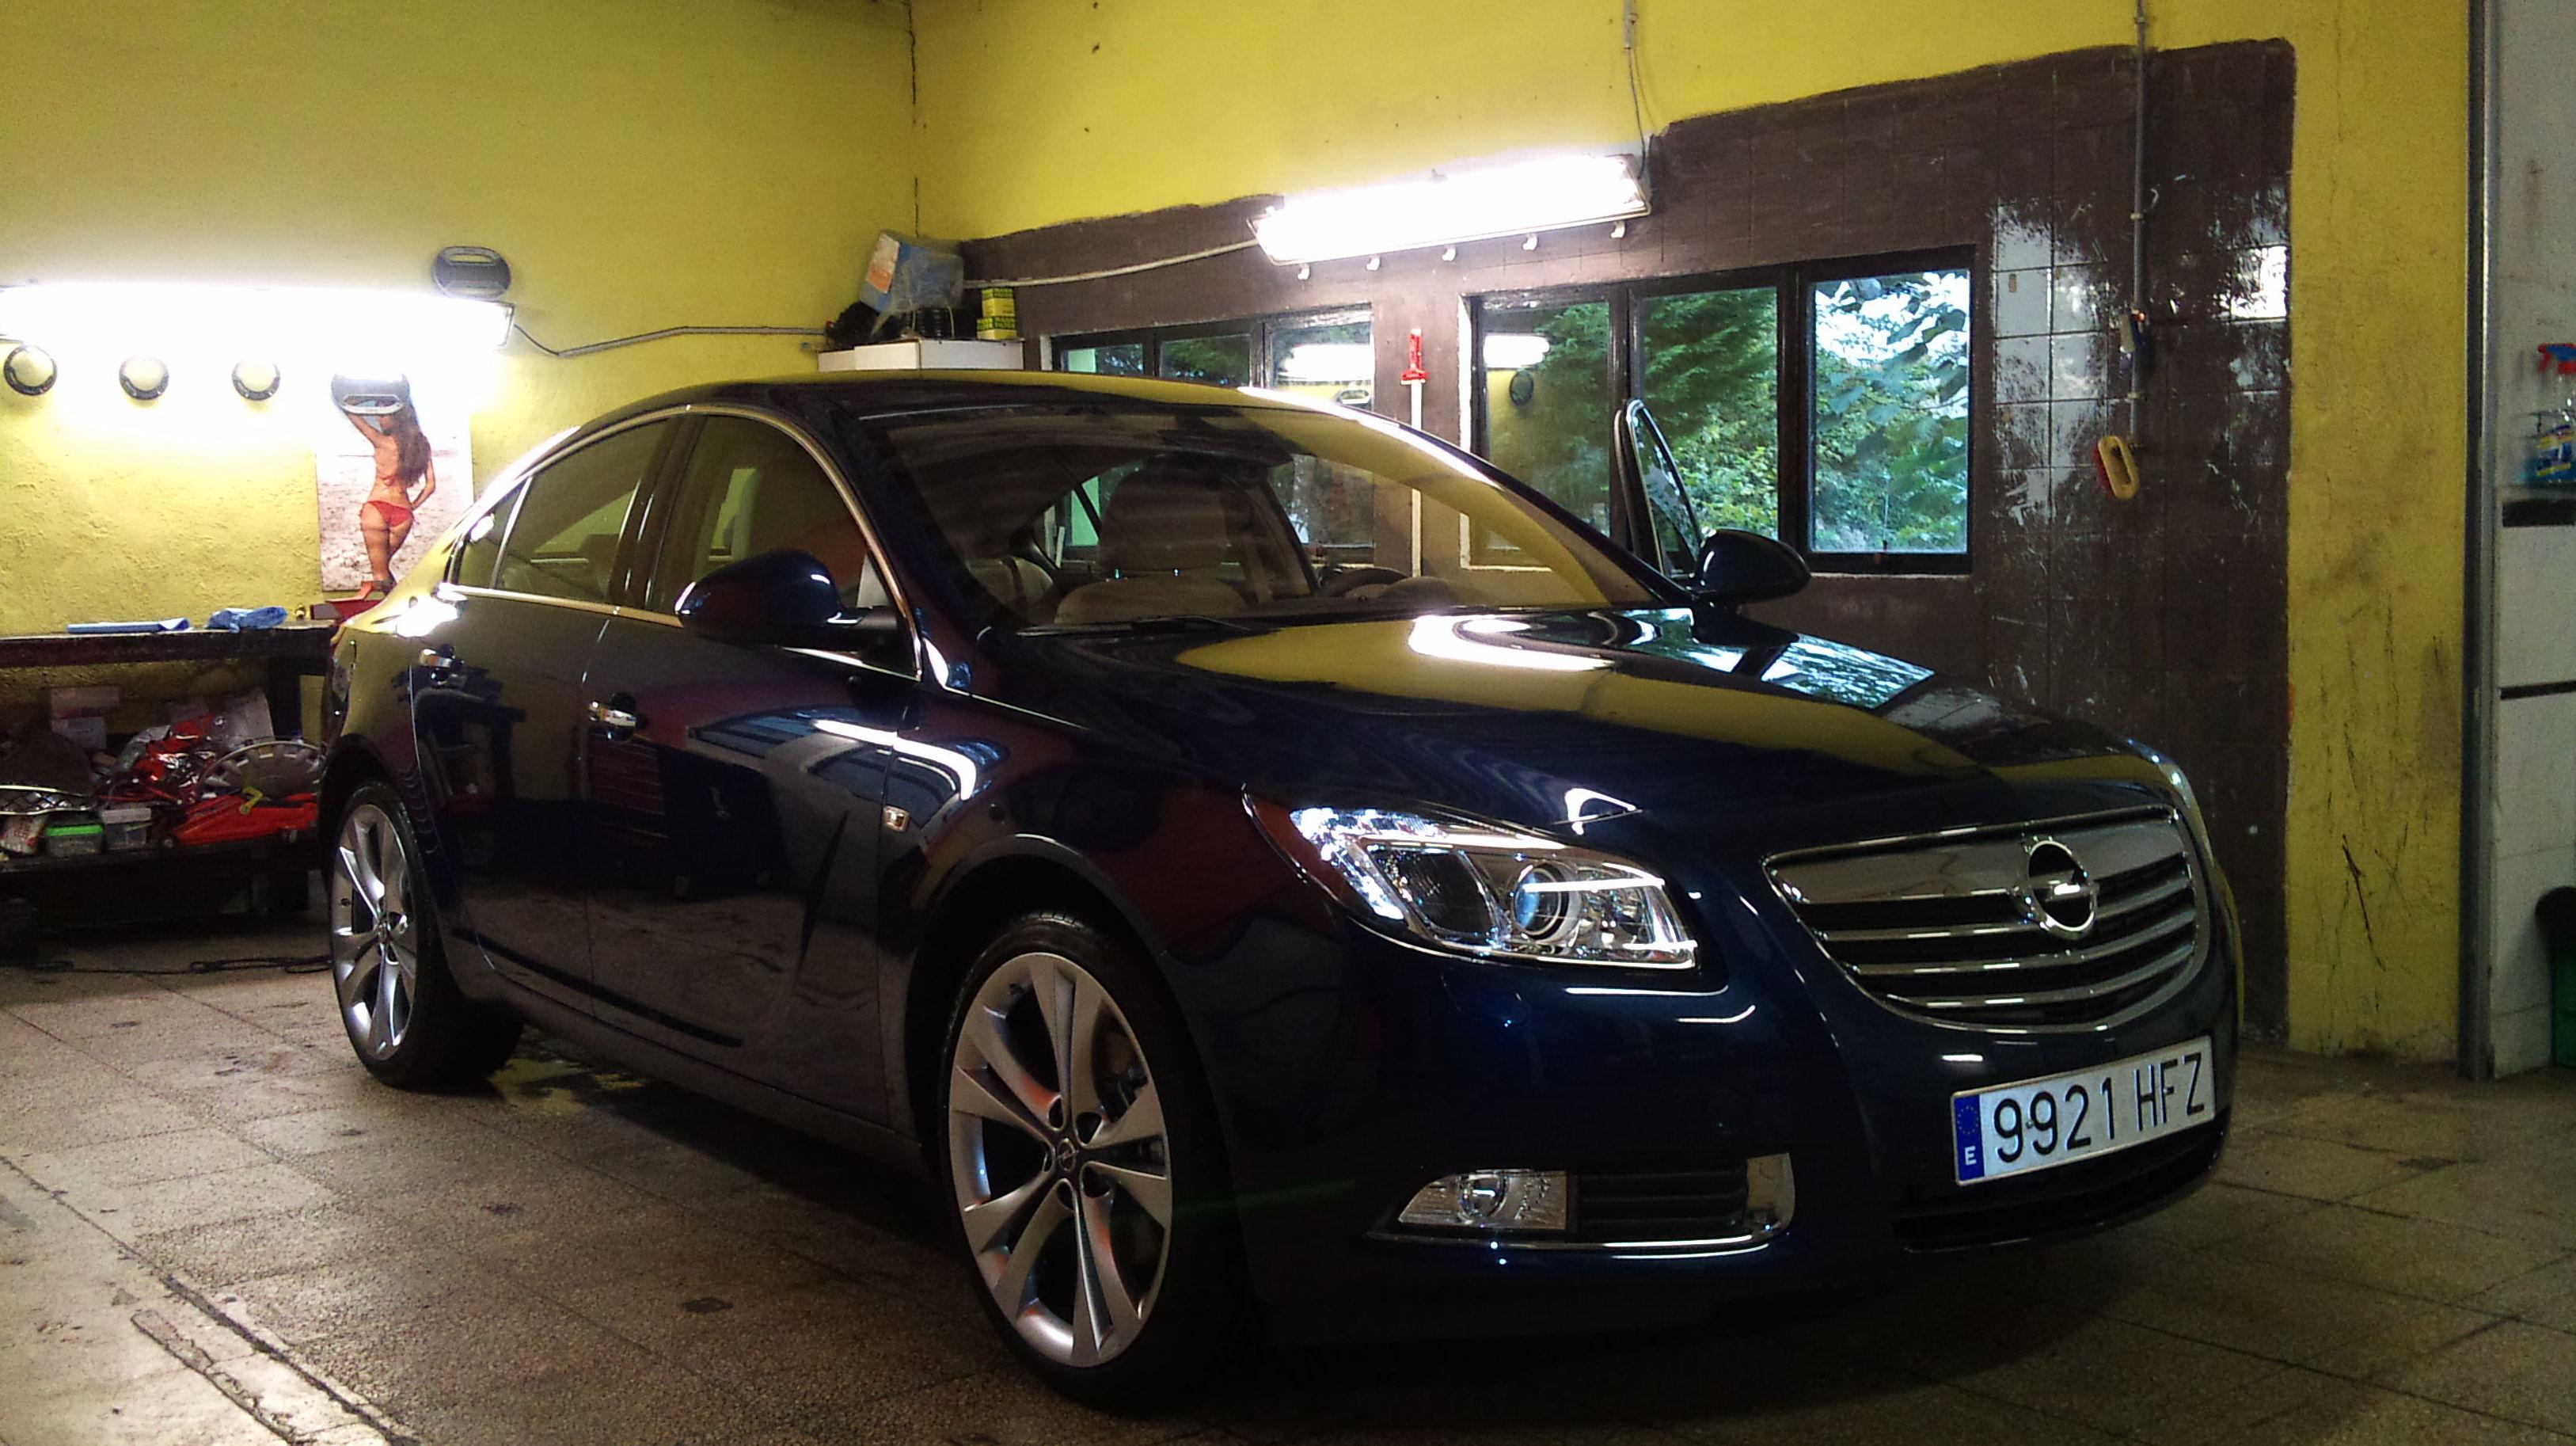 Foto 29 de Cristalería del automóvil en Vitoria gasteiz | Información